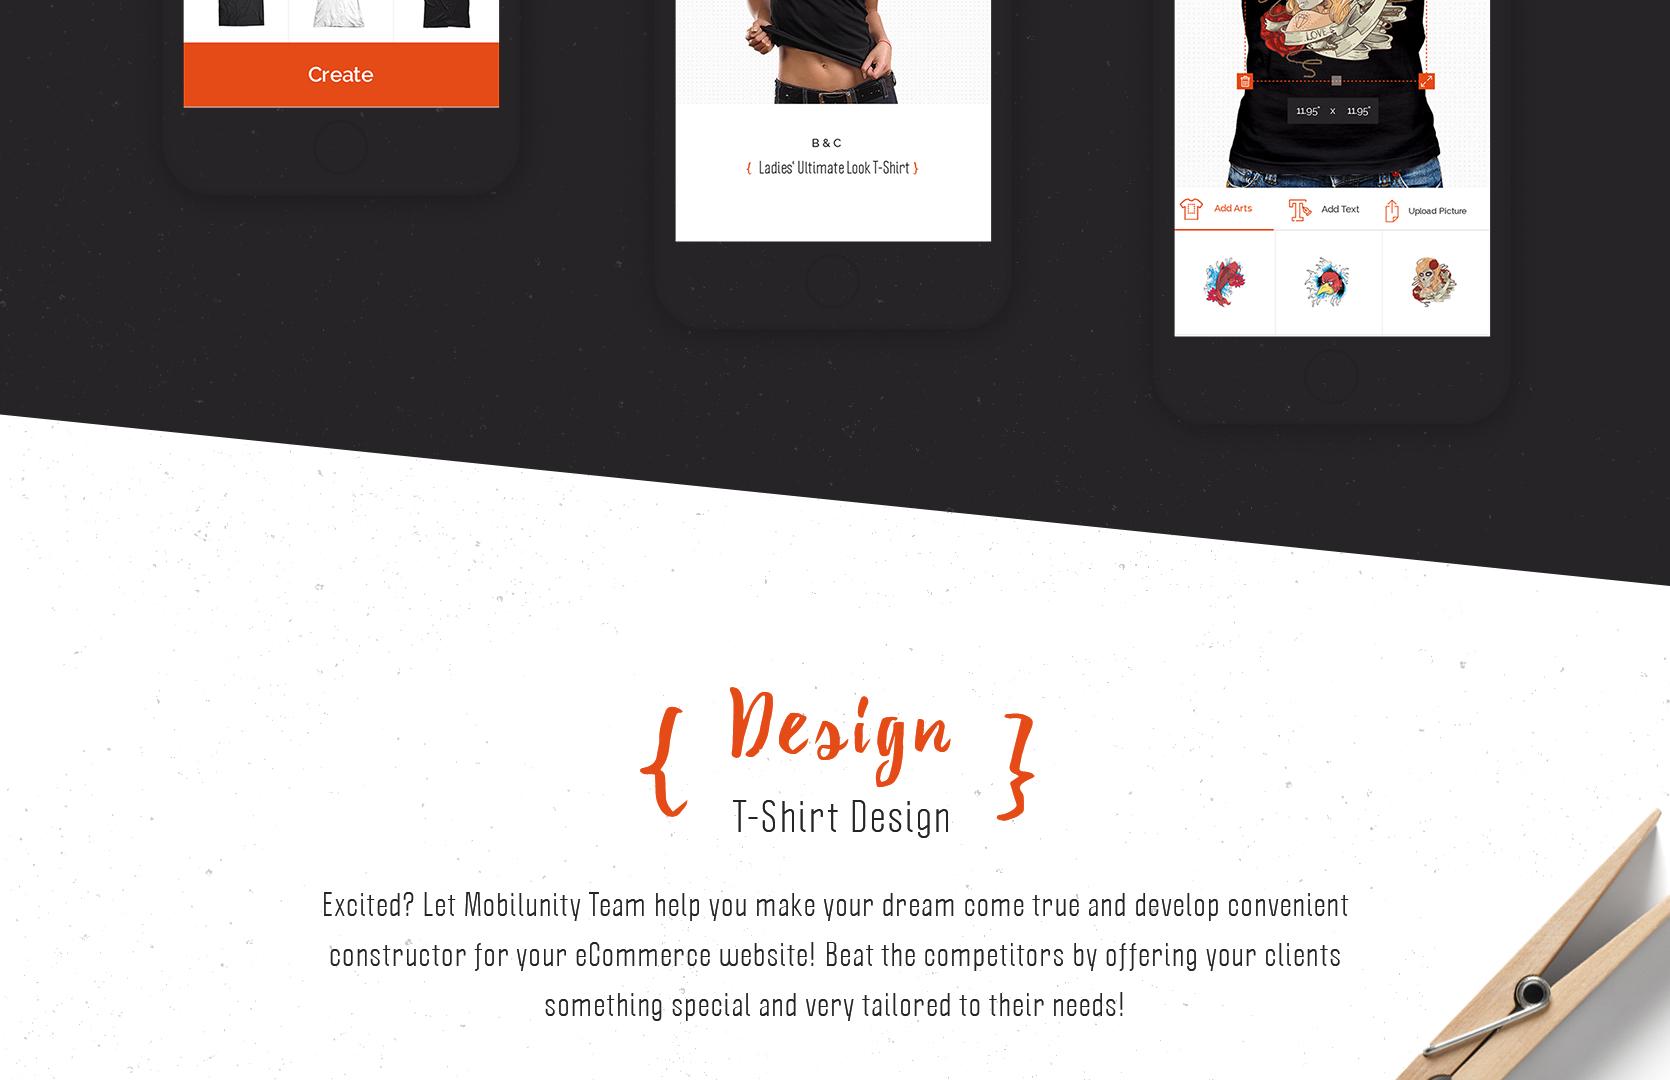 Great t shirt designer website template mobilunity for T shirt design maker website